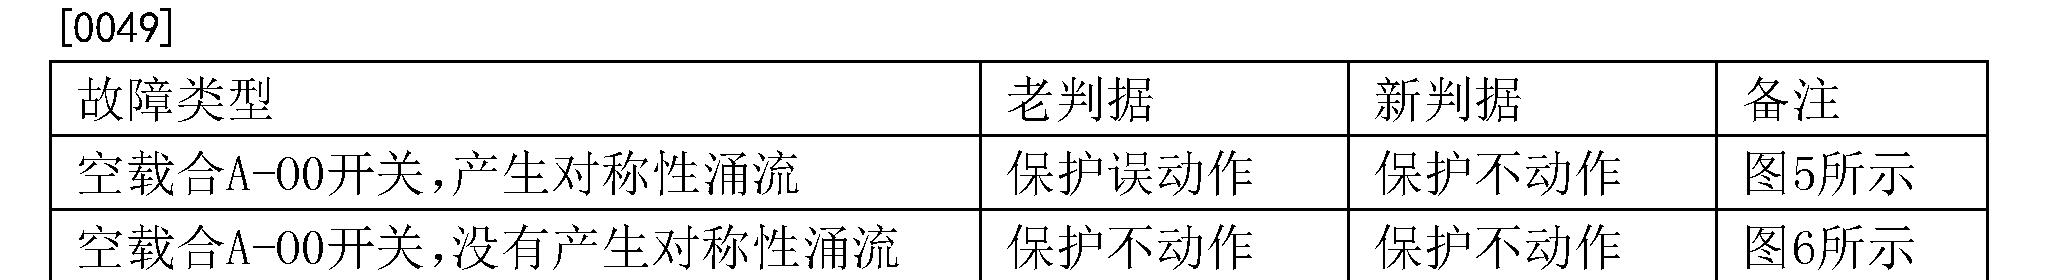 Figure CN103336197BD00051